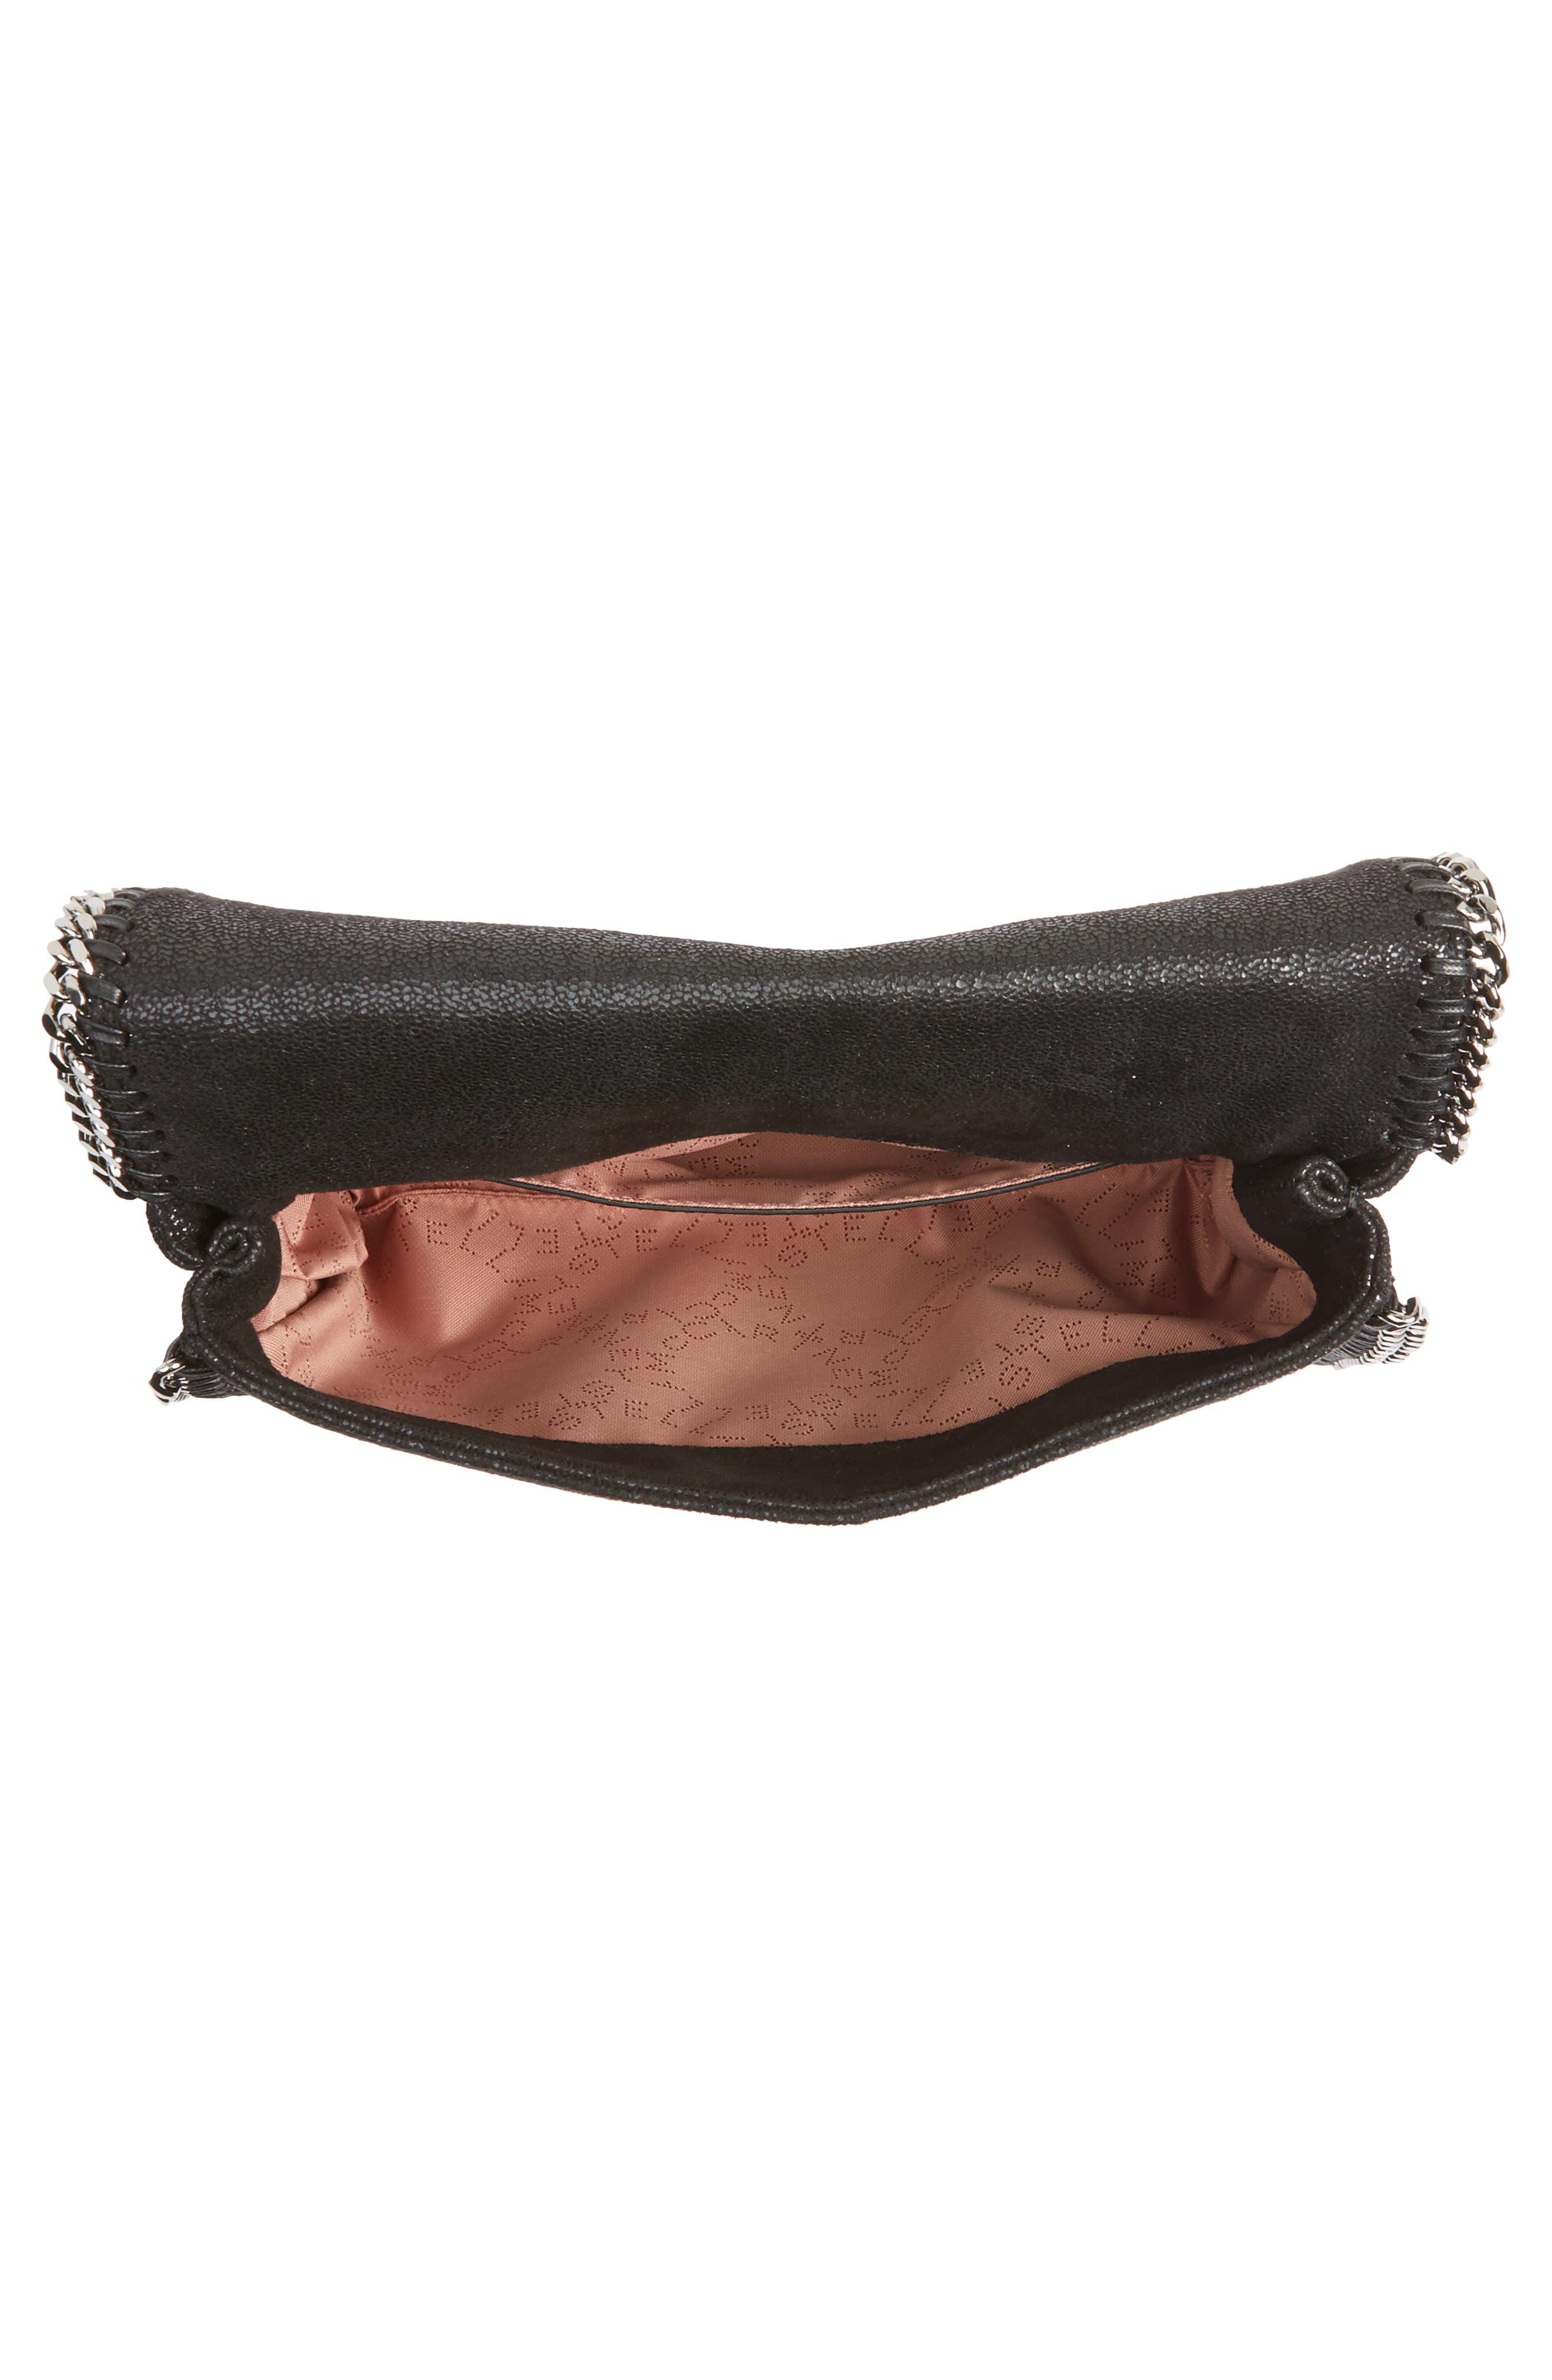 Shaggy Deer Flap Shoulder Bag,                             Alternate thumbnail 14, color,